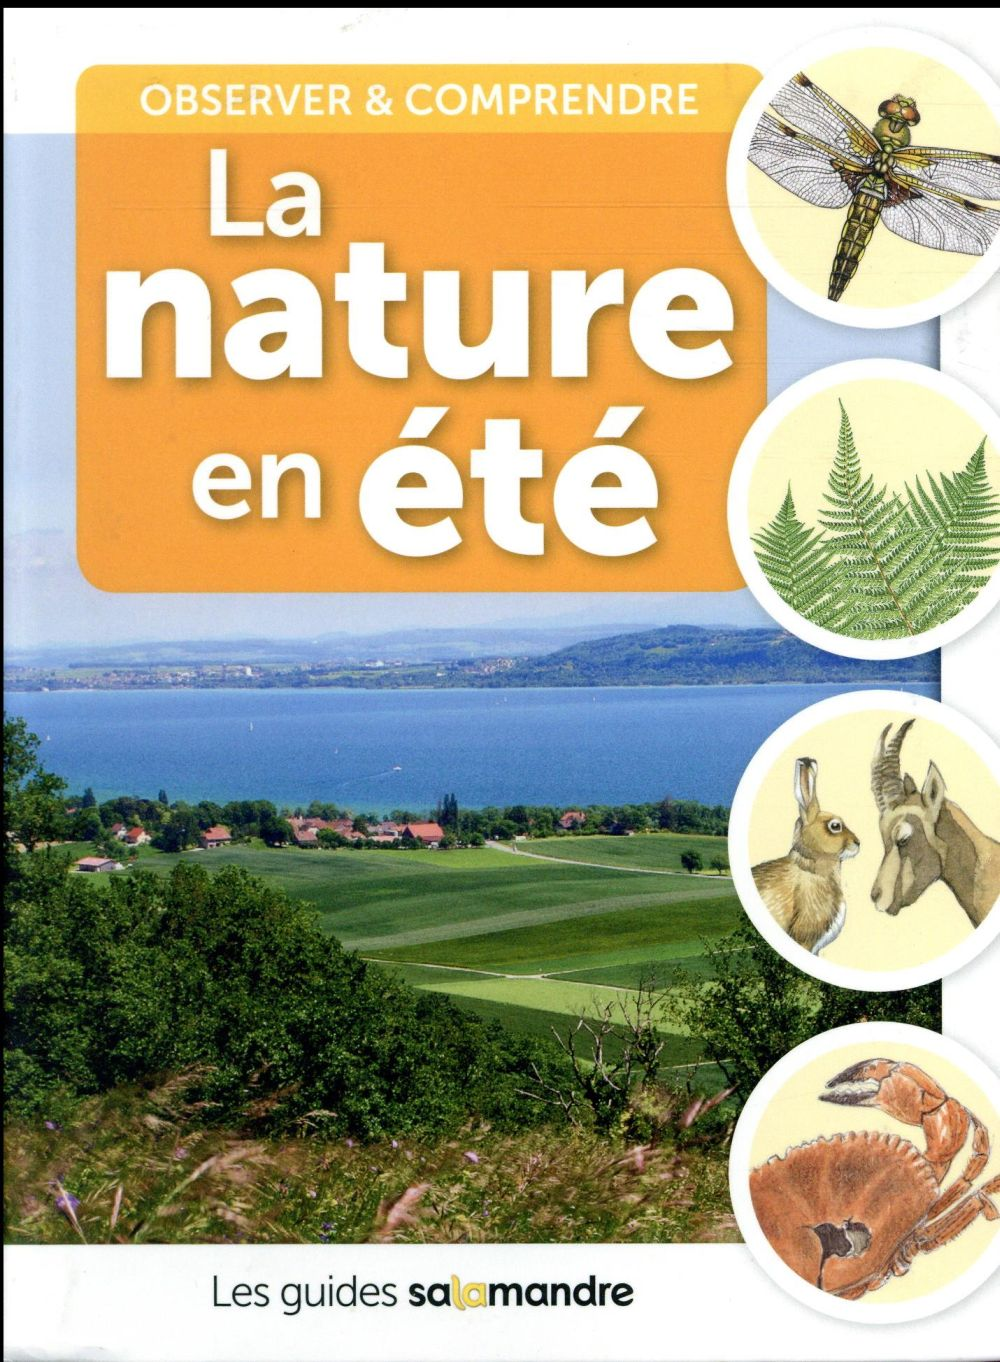 LA NATURE EN ETE